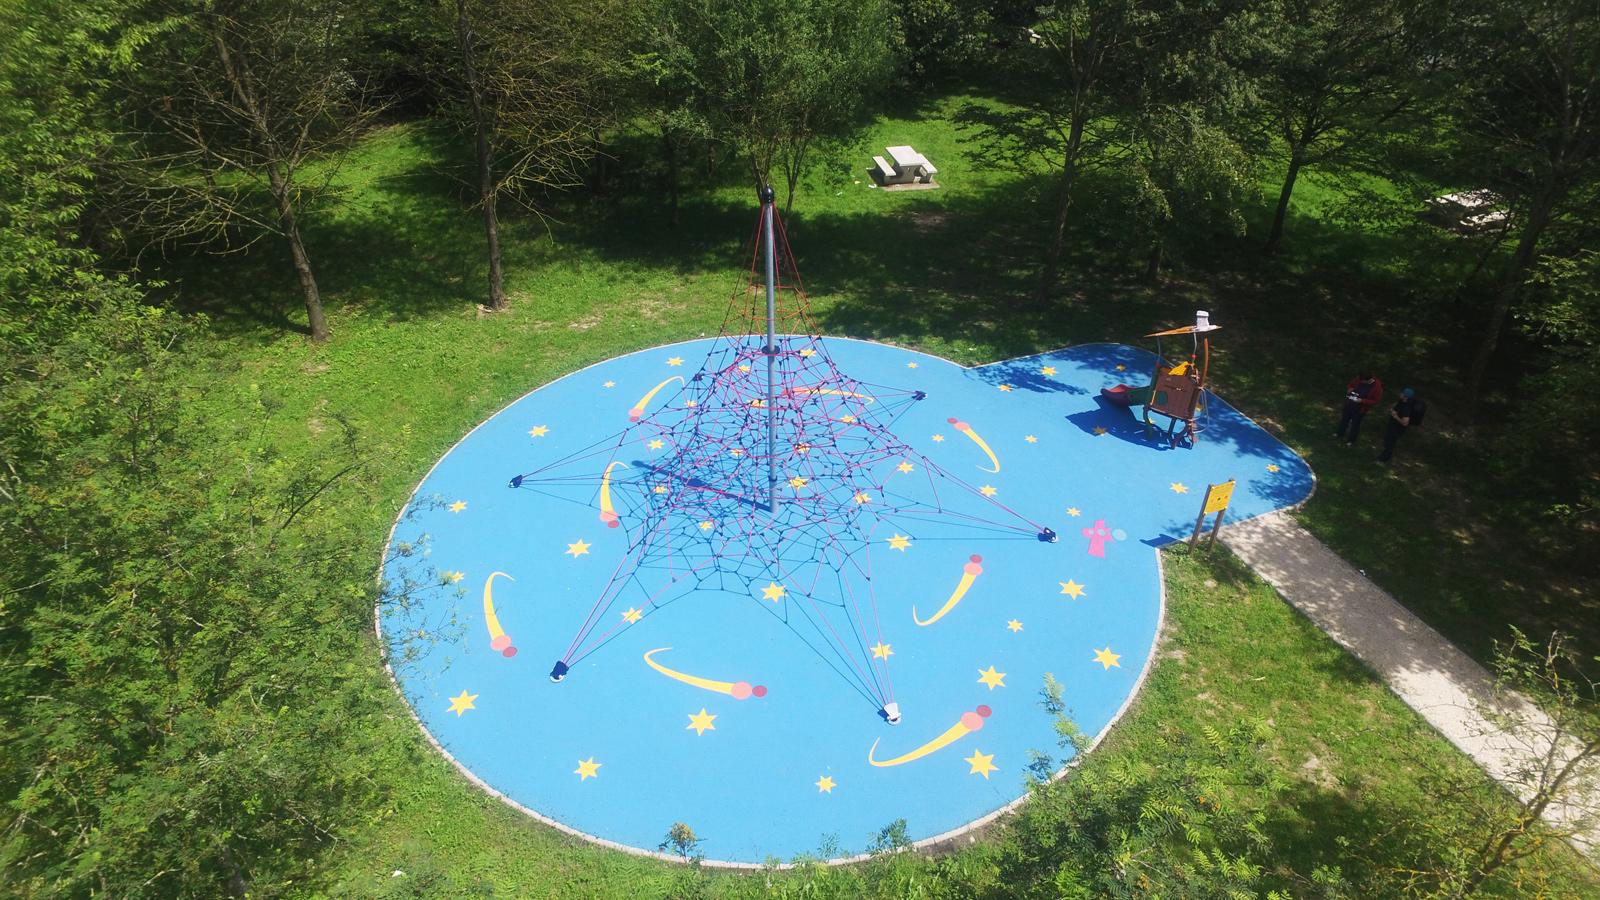 Aire de jeux thématique Espace près de la Mare Pinçon à Gretz-Armainvilliers, Grande structure de cordes